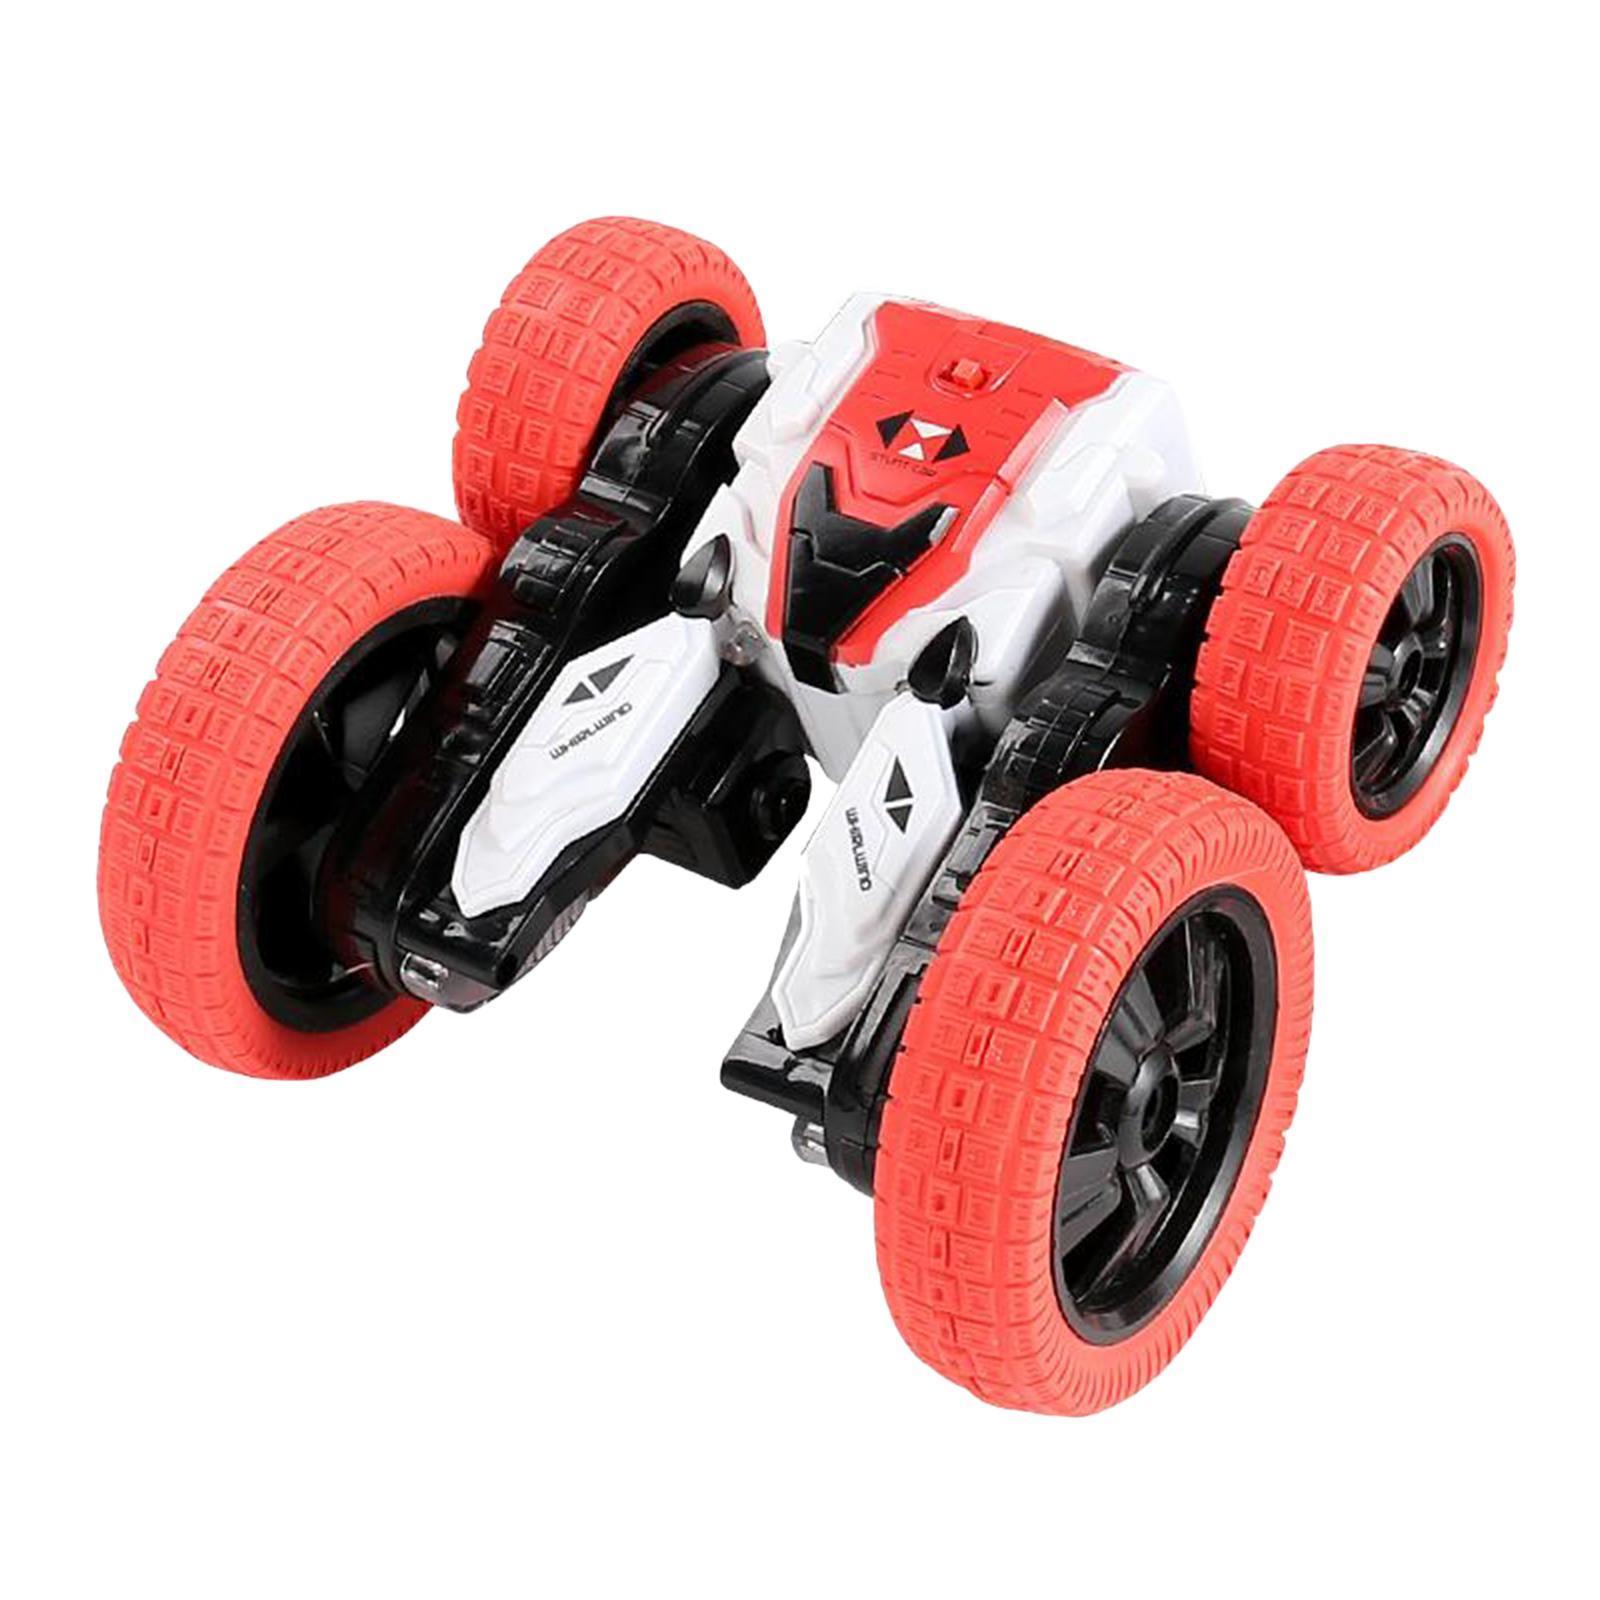 miniatura 36 - Telecomando Auto Stunt Car Giocattolo Per Bambini 2.4GHz di Controllo Remoto